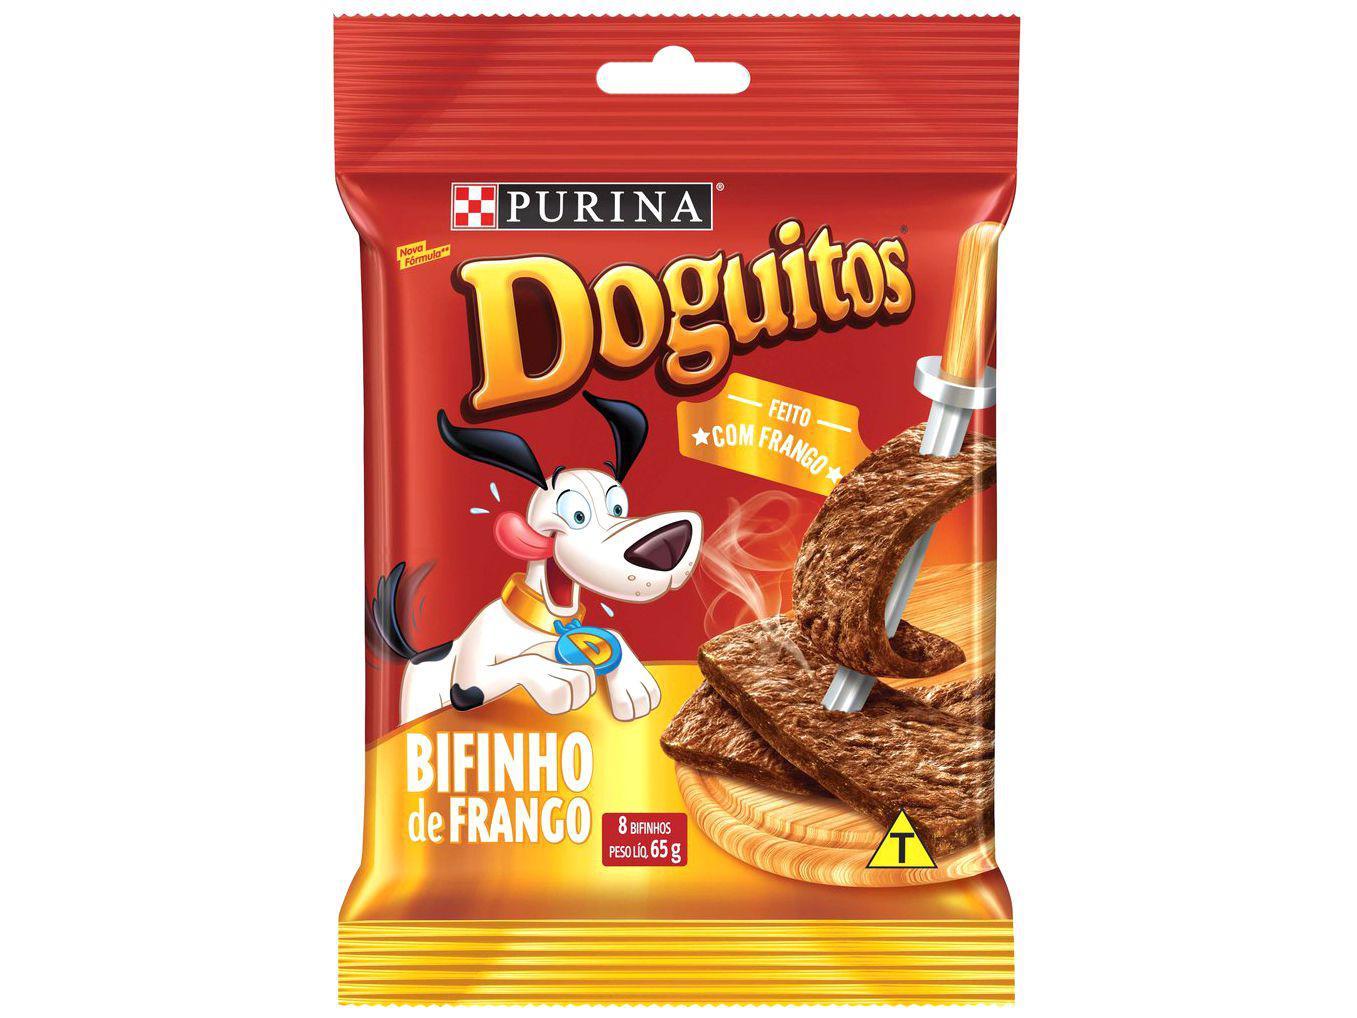 Petisco para Cachorro Adulto Doguitos - Bifinho de Frango 65g